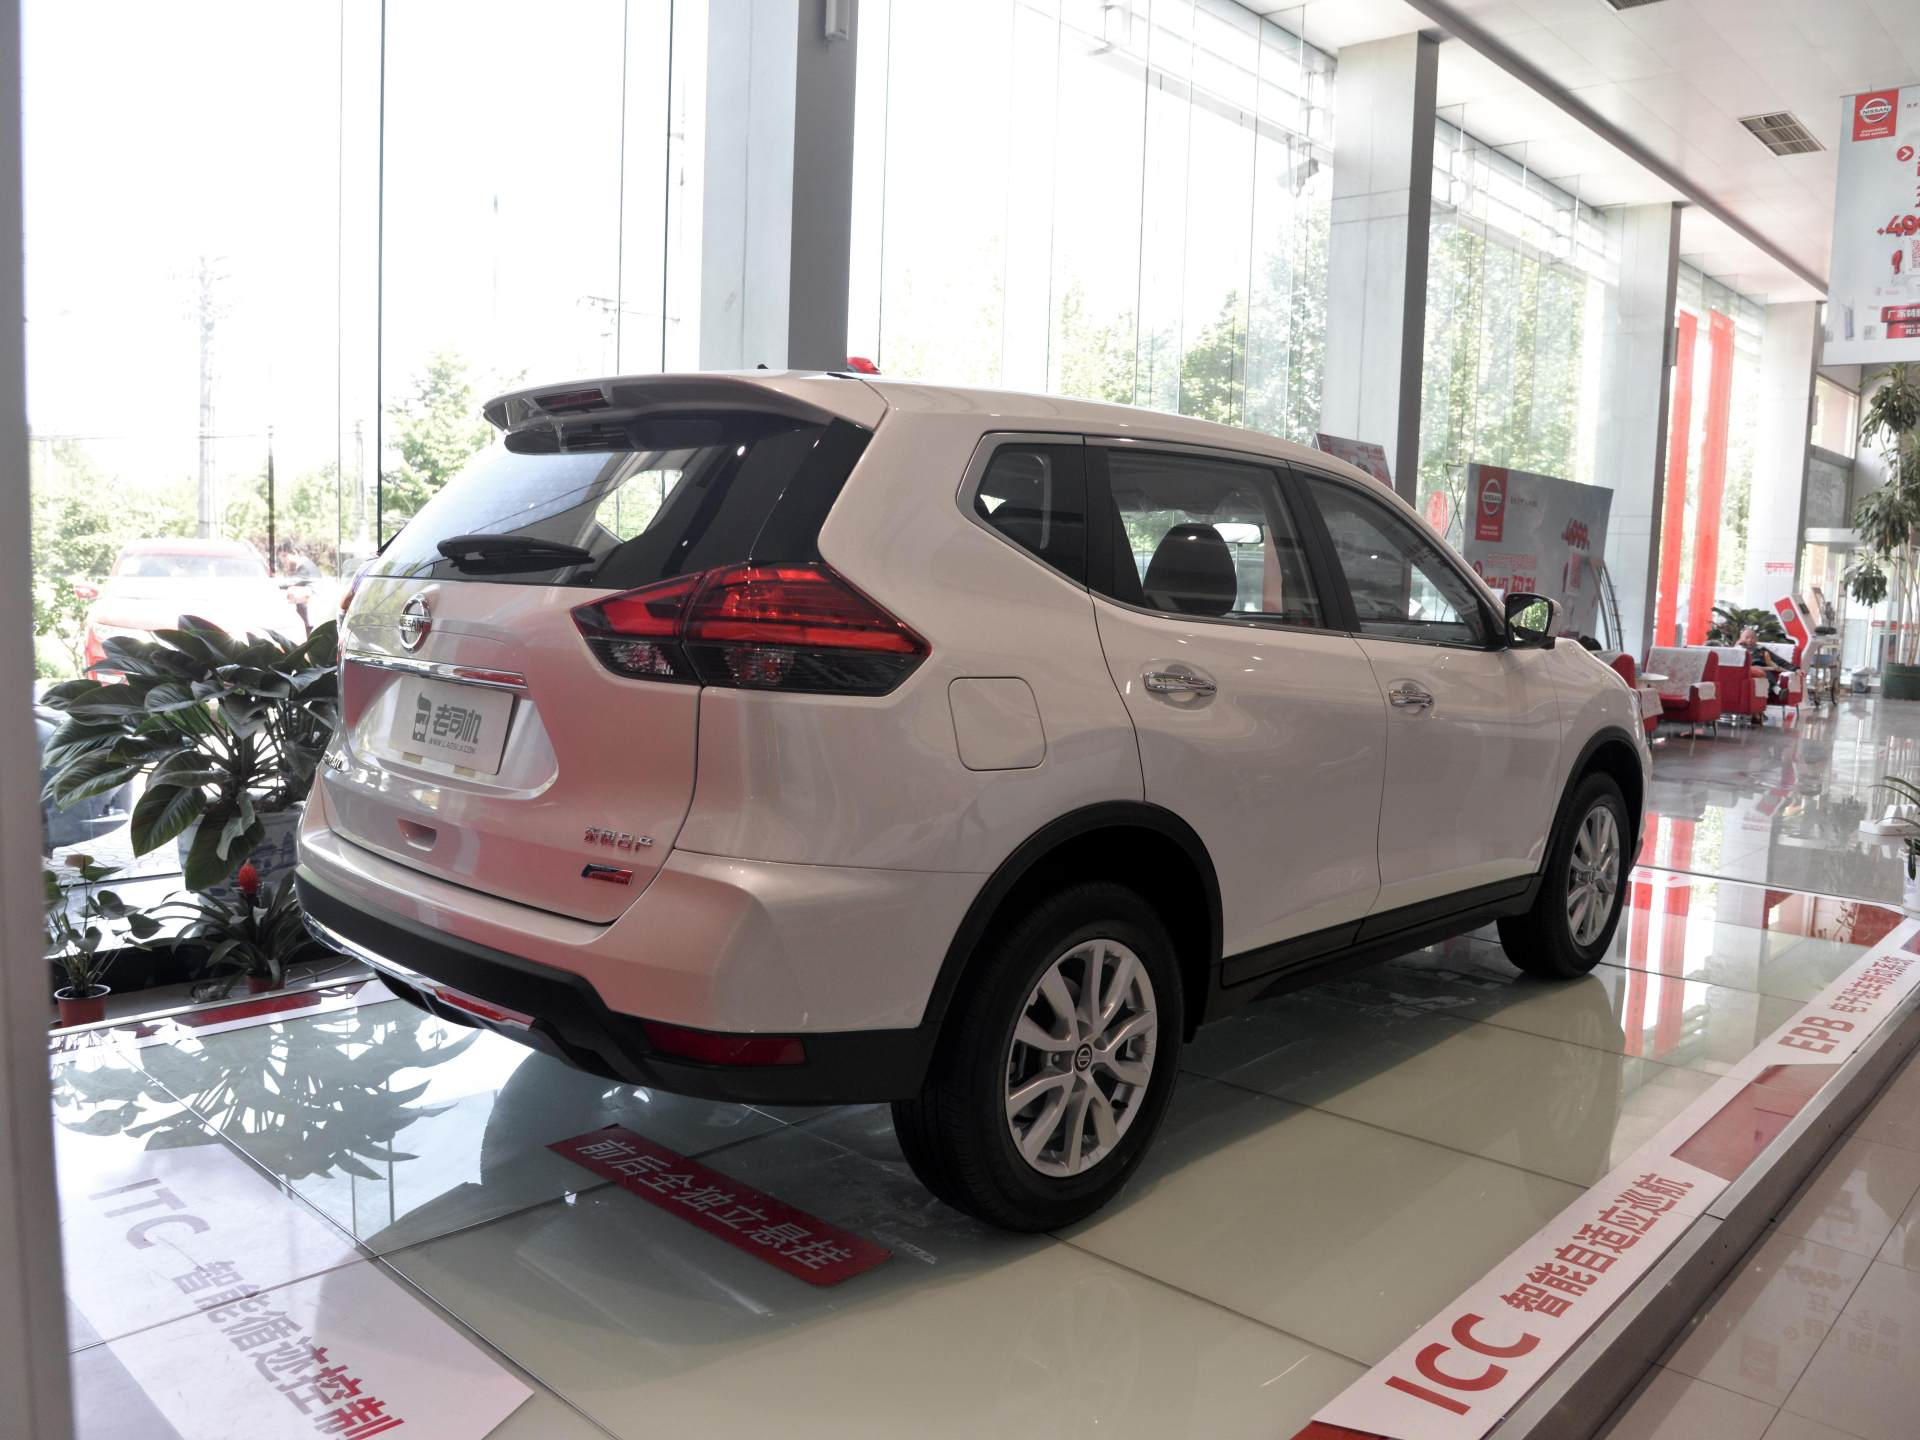 日產不敢賣高價瞭,主力SUV破20萬大關,大空間+沙發座椅不輸CRV-圖2